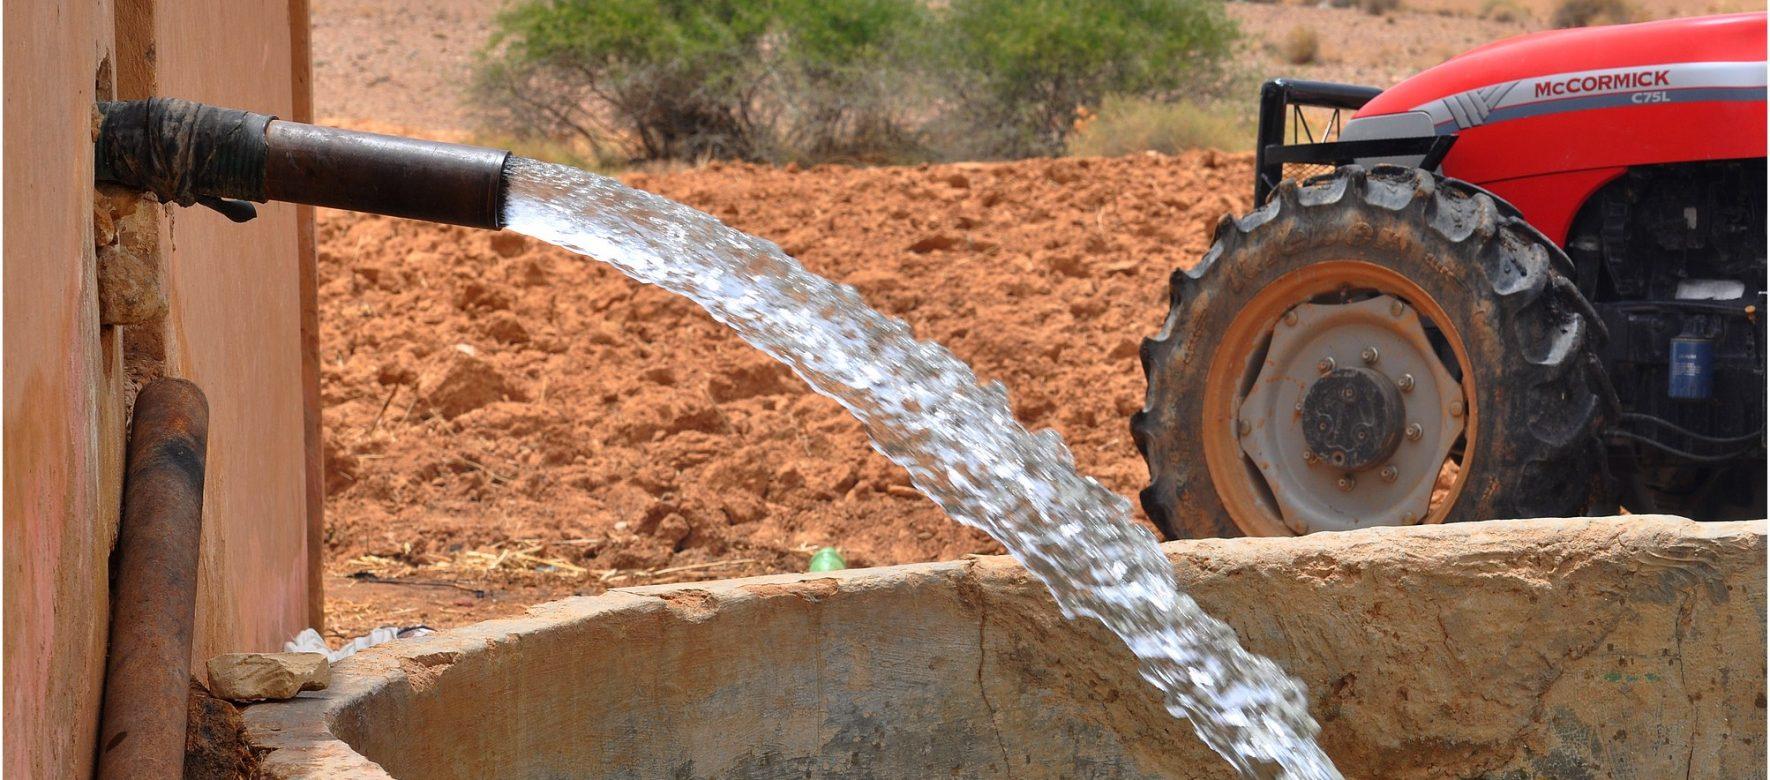 Le manque d'eau, frein à la croissance industrielle du Maroc?